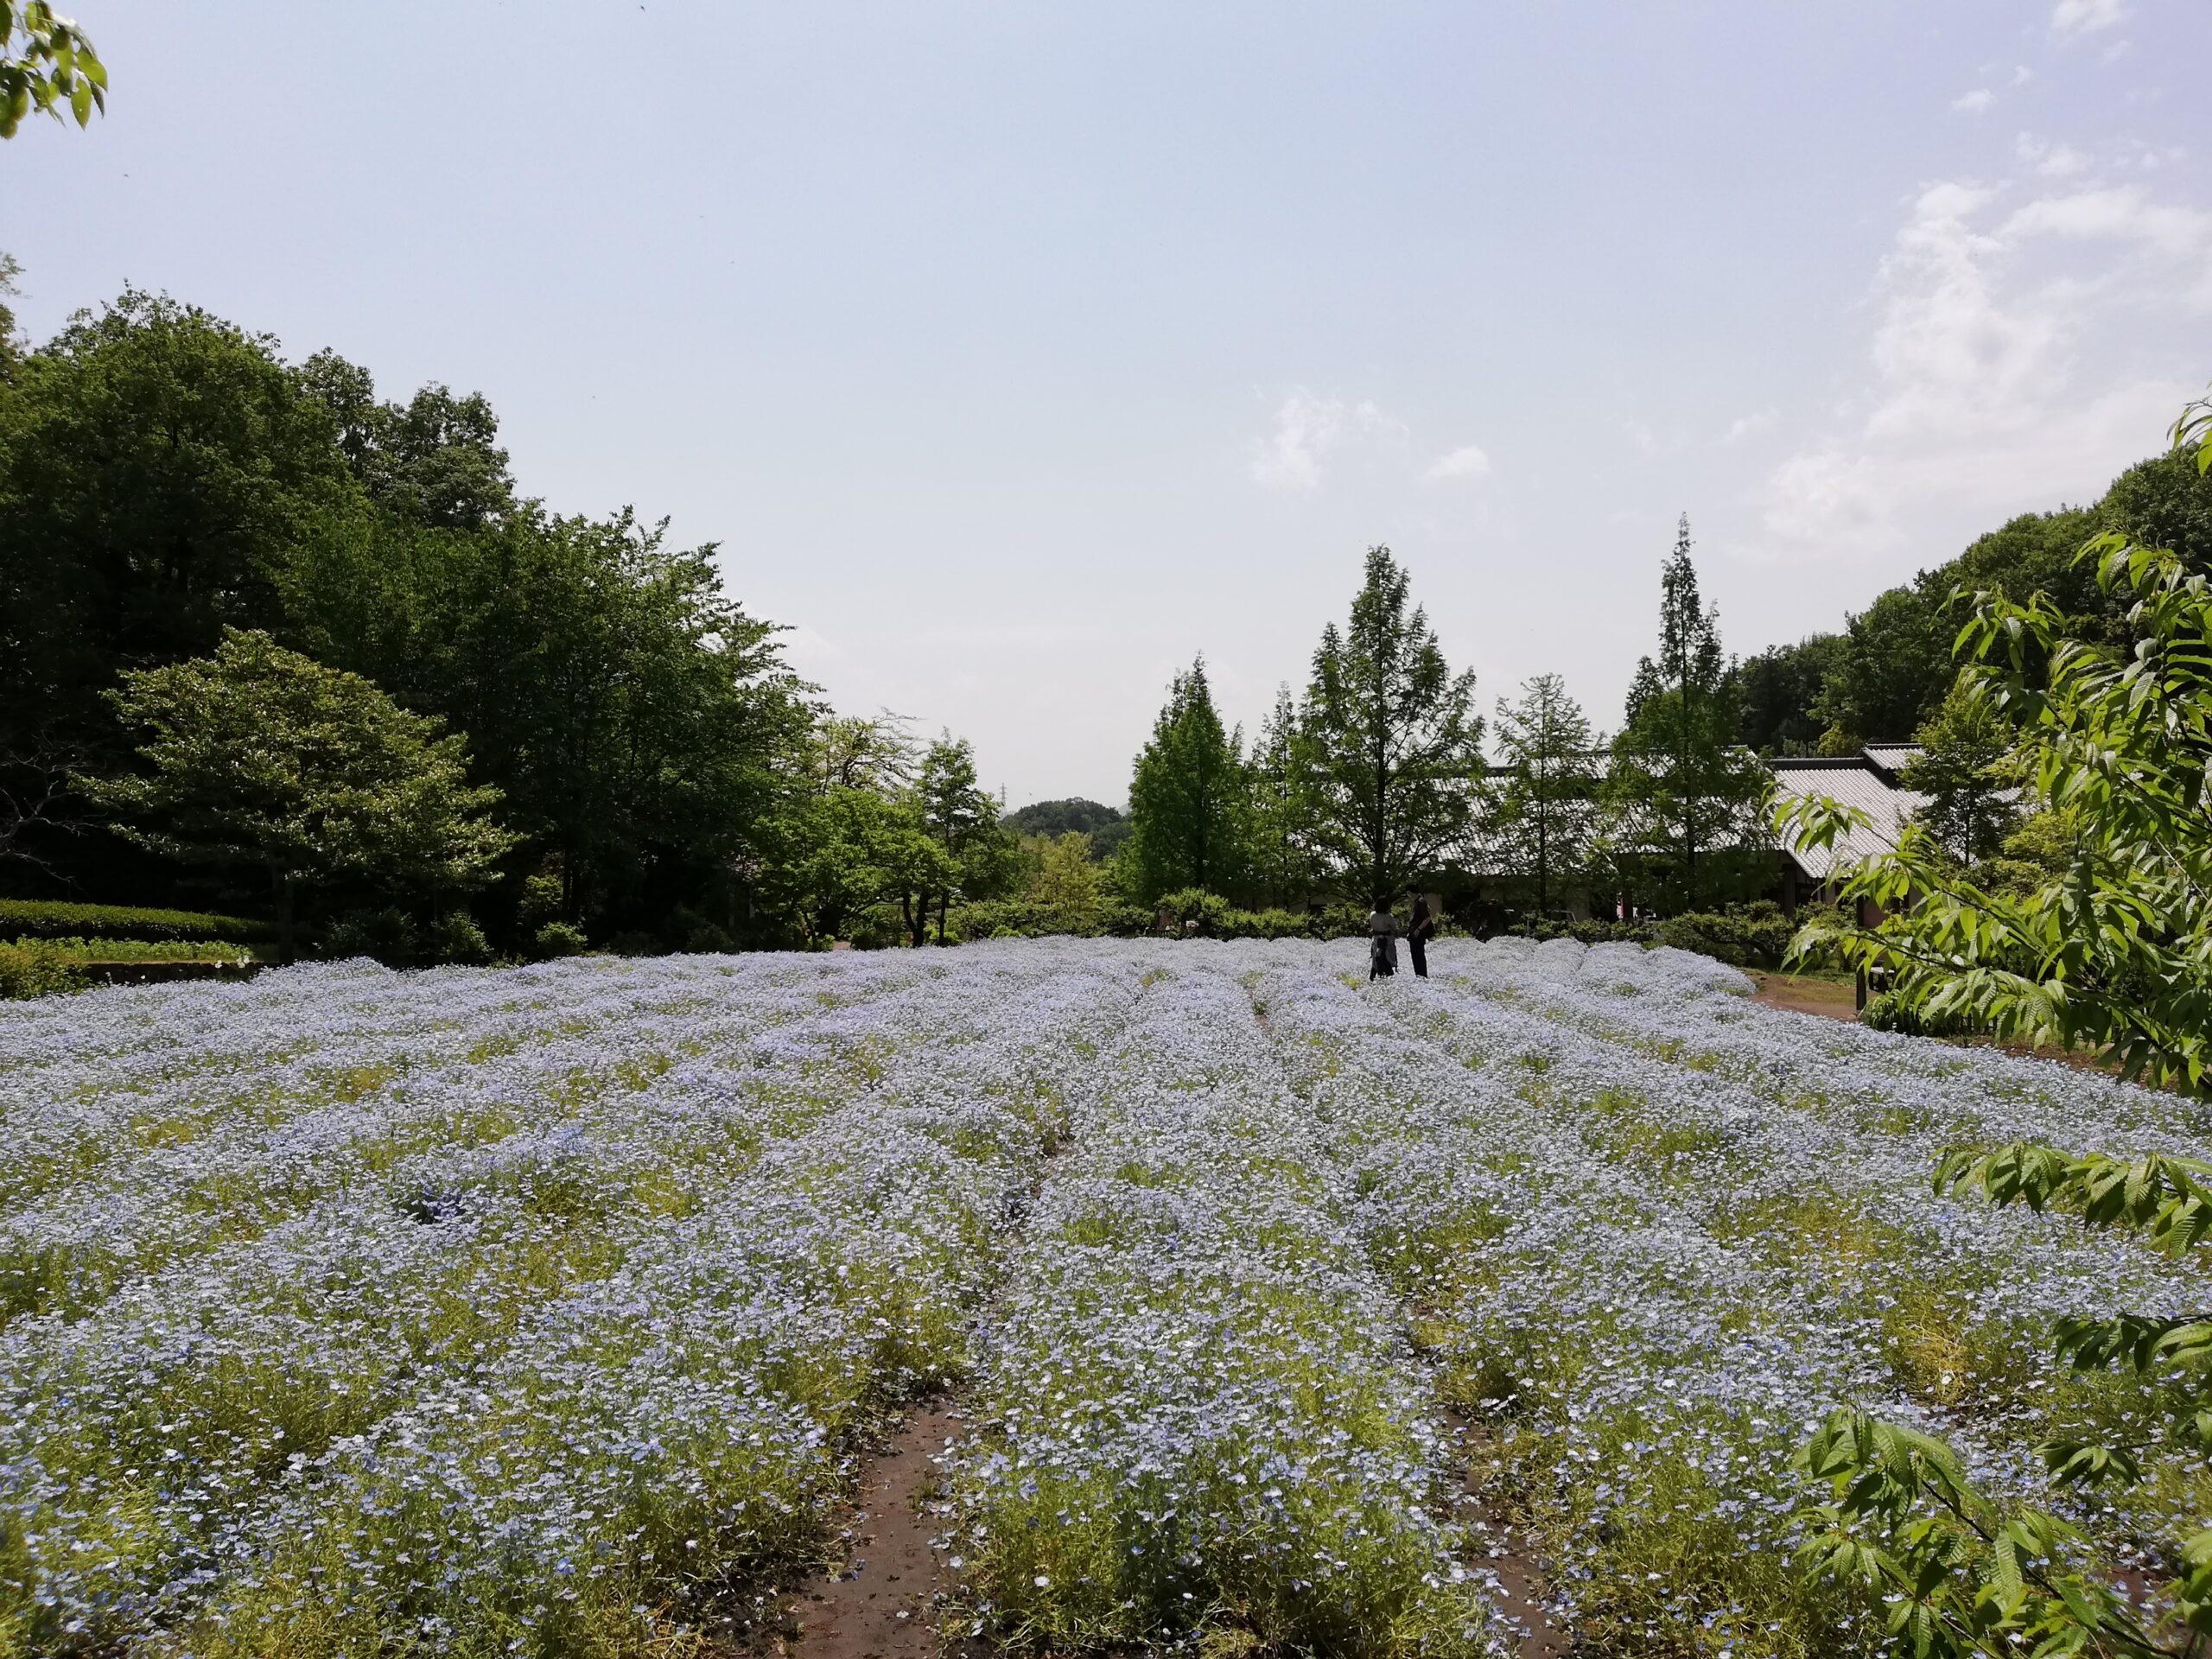 ペットとお出かけ 岐阜県美濃加茂市 ぎふ清流里山公園 お花畑 ネモフィラ